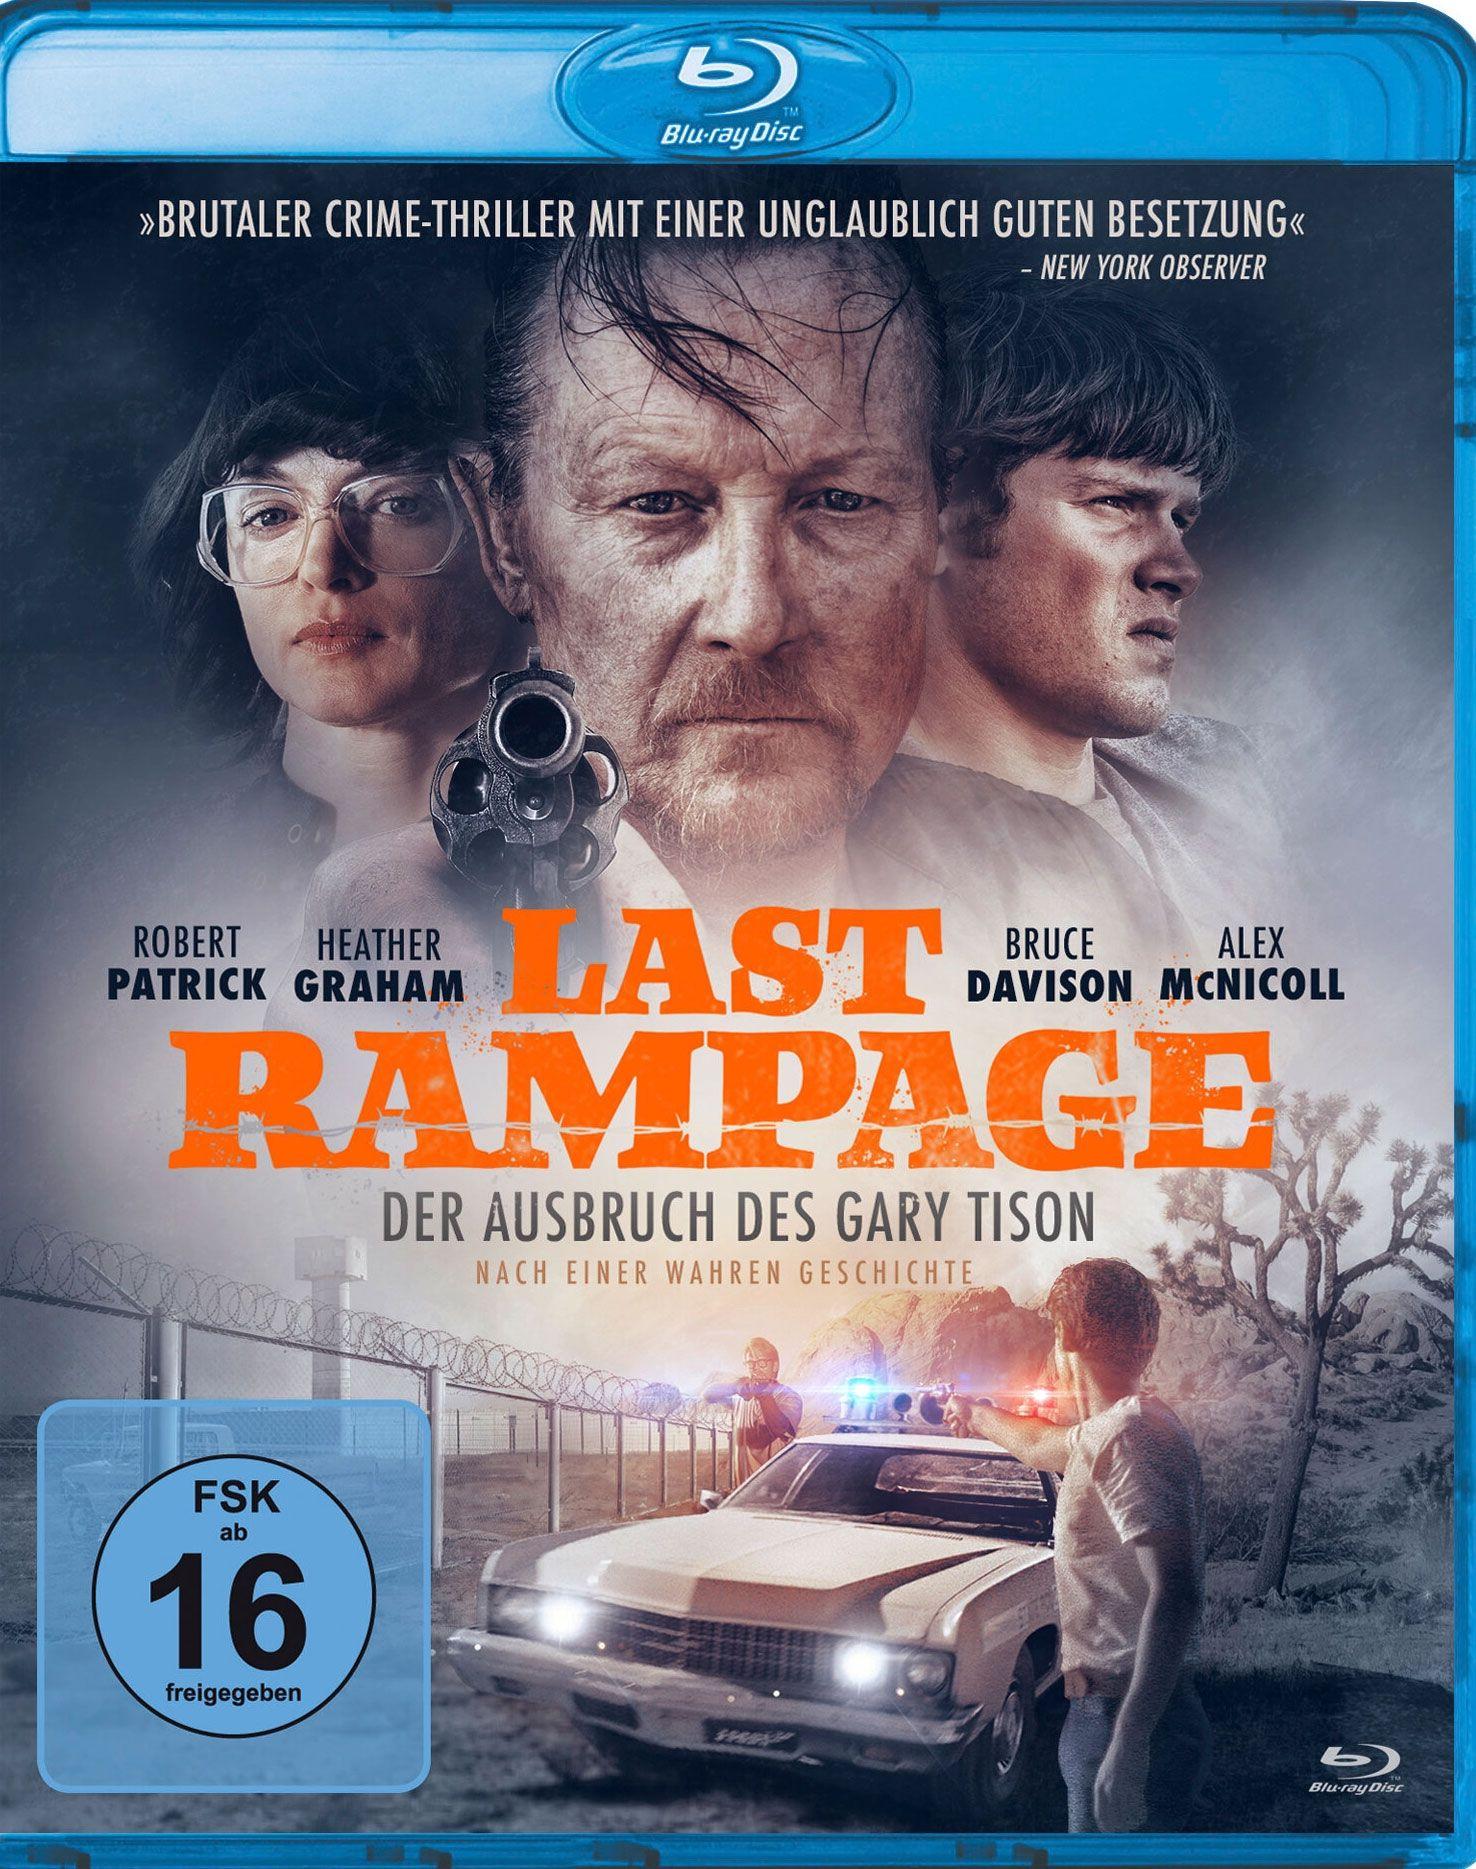 Last Rampage - Der Ausbruch des Gary Tison (BLURAY)